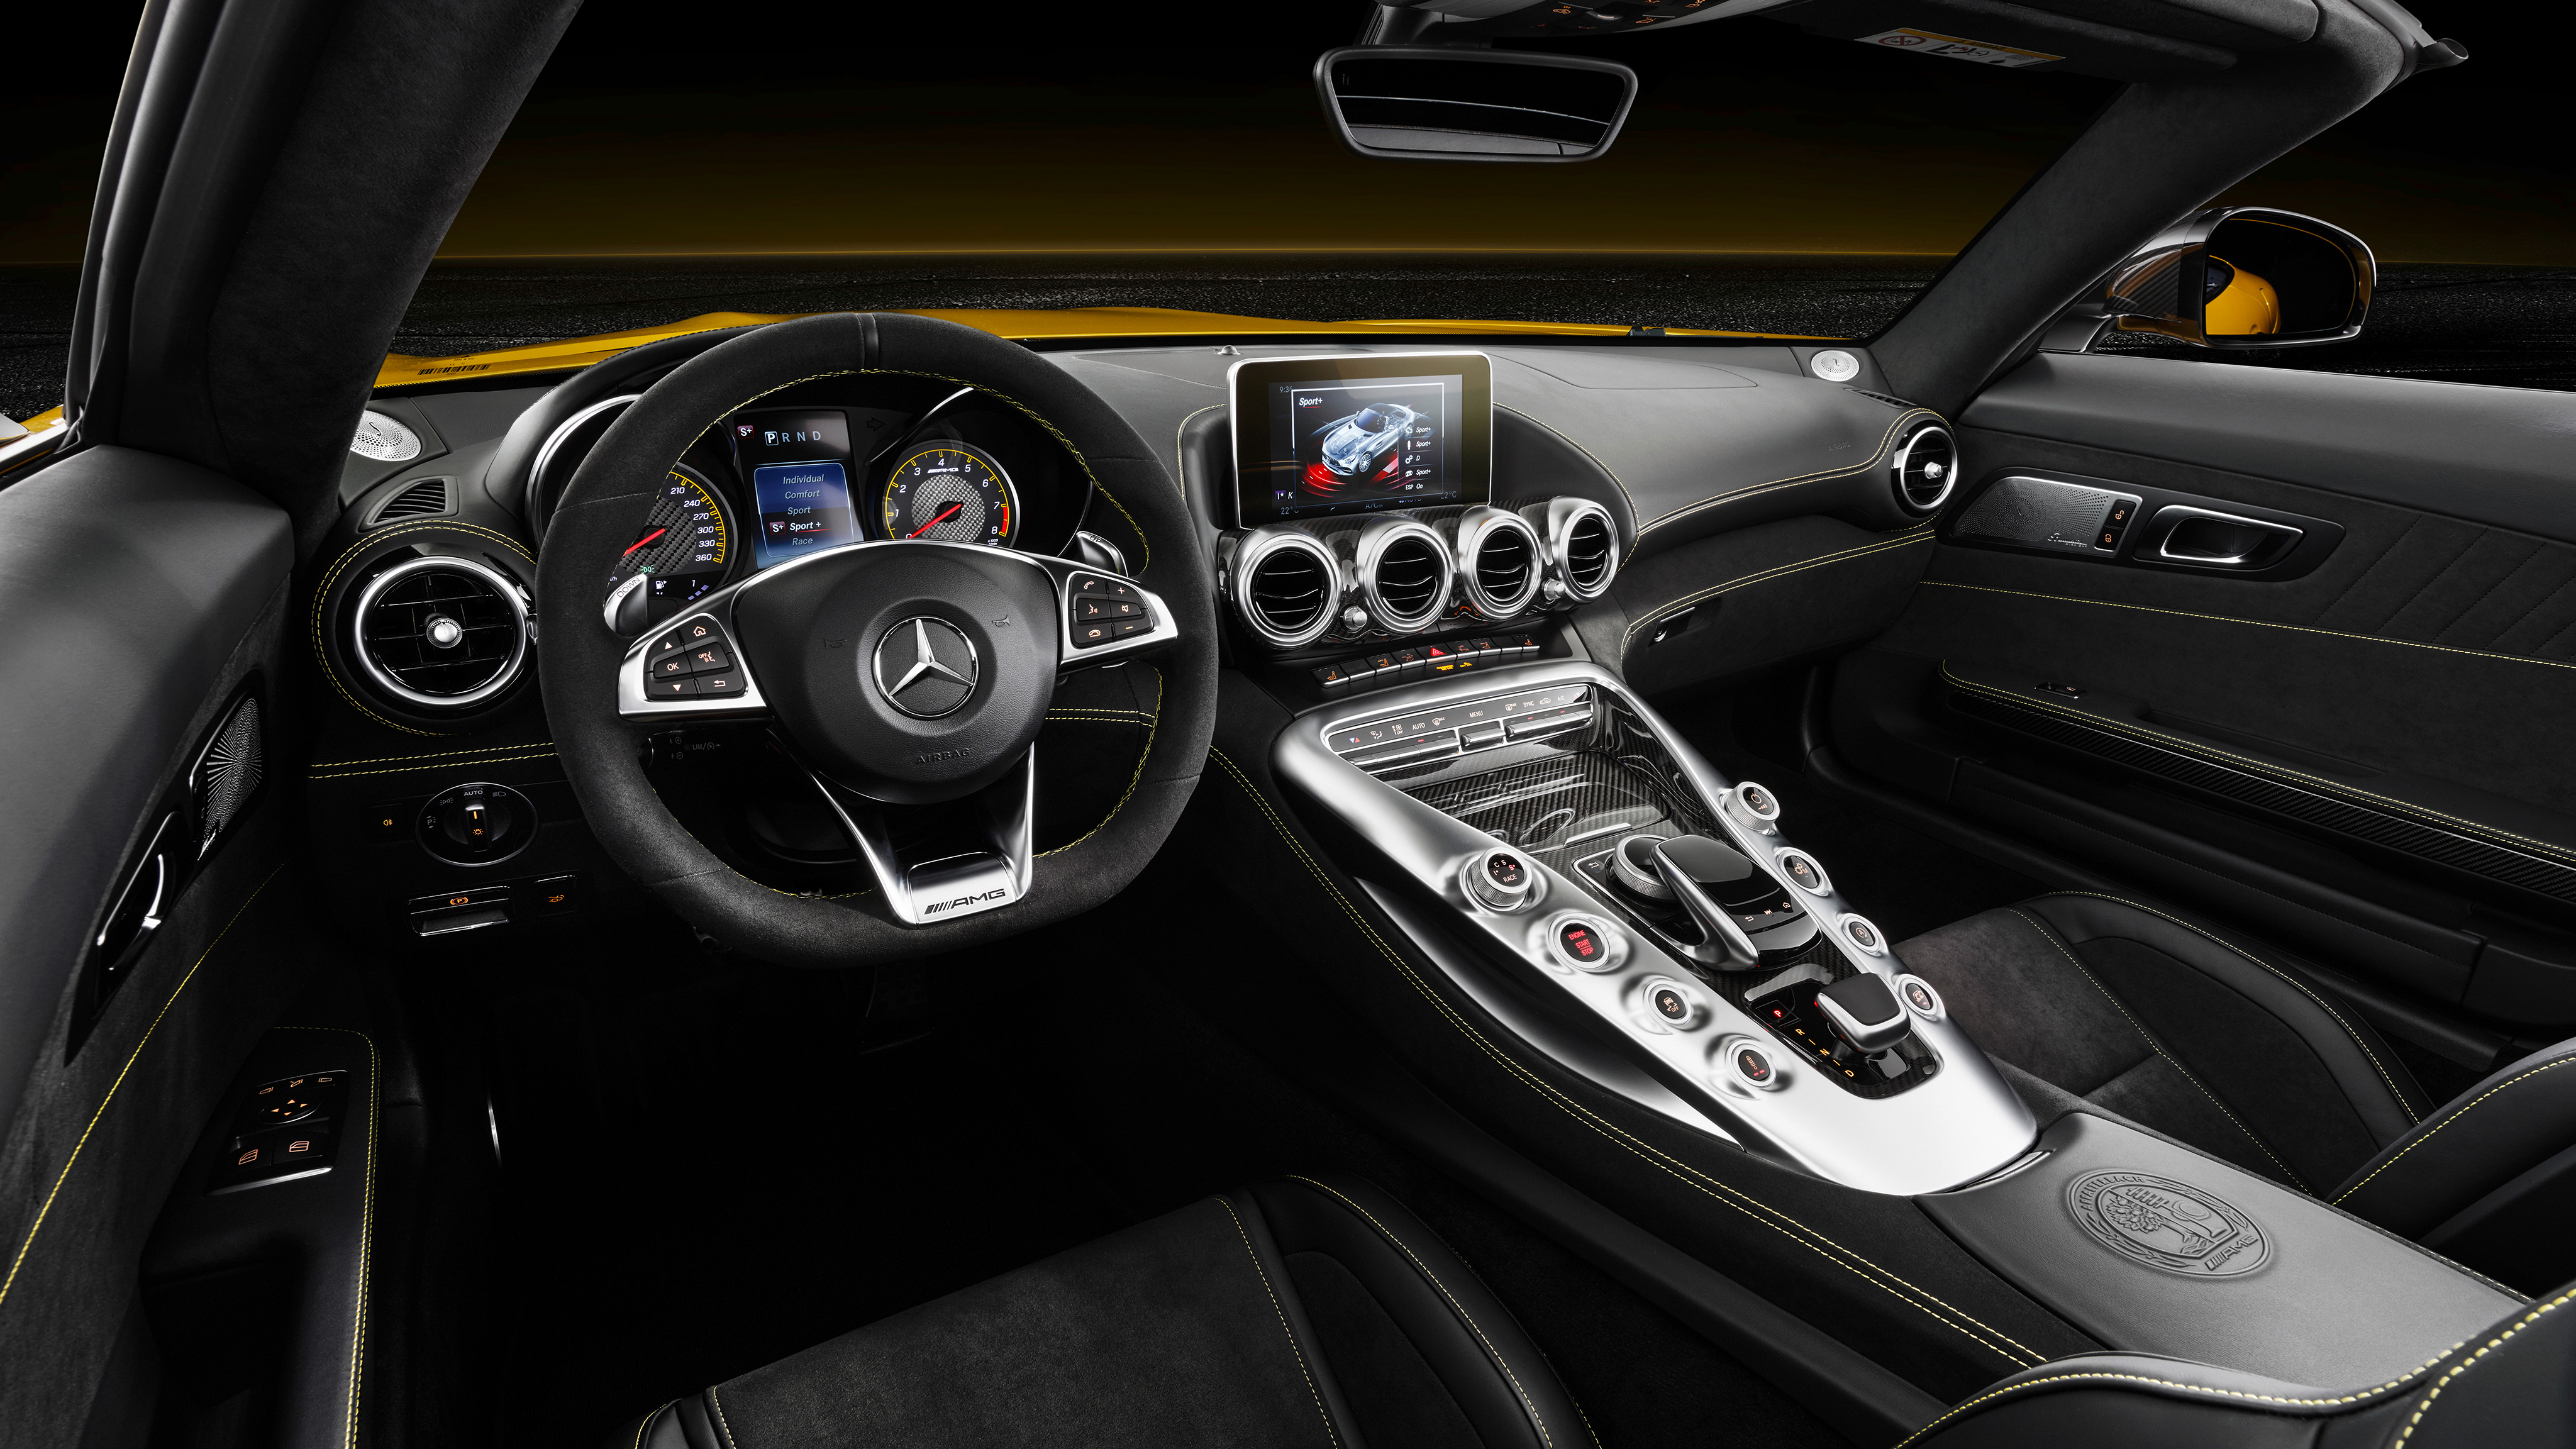 2018 Mercedes Amg Gt S Roadster 4k Interior Wallpaper Hd Car